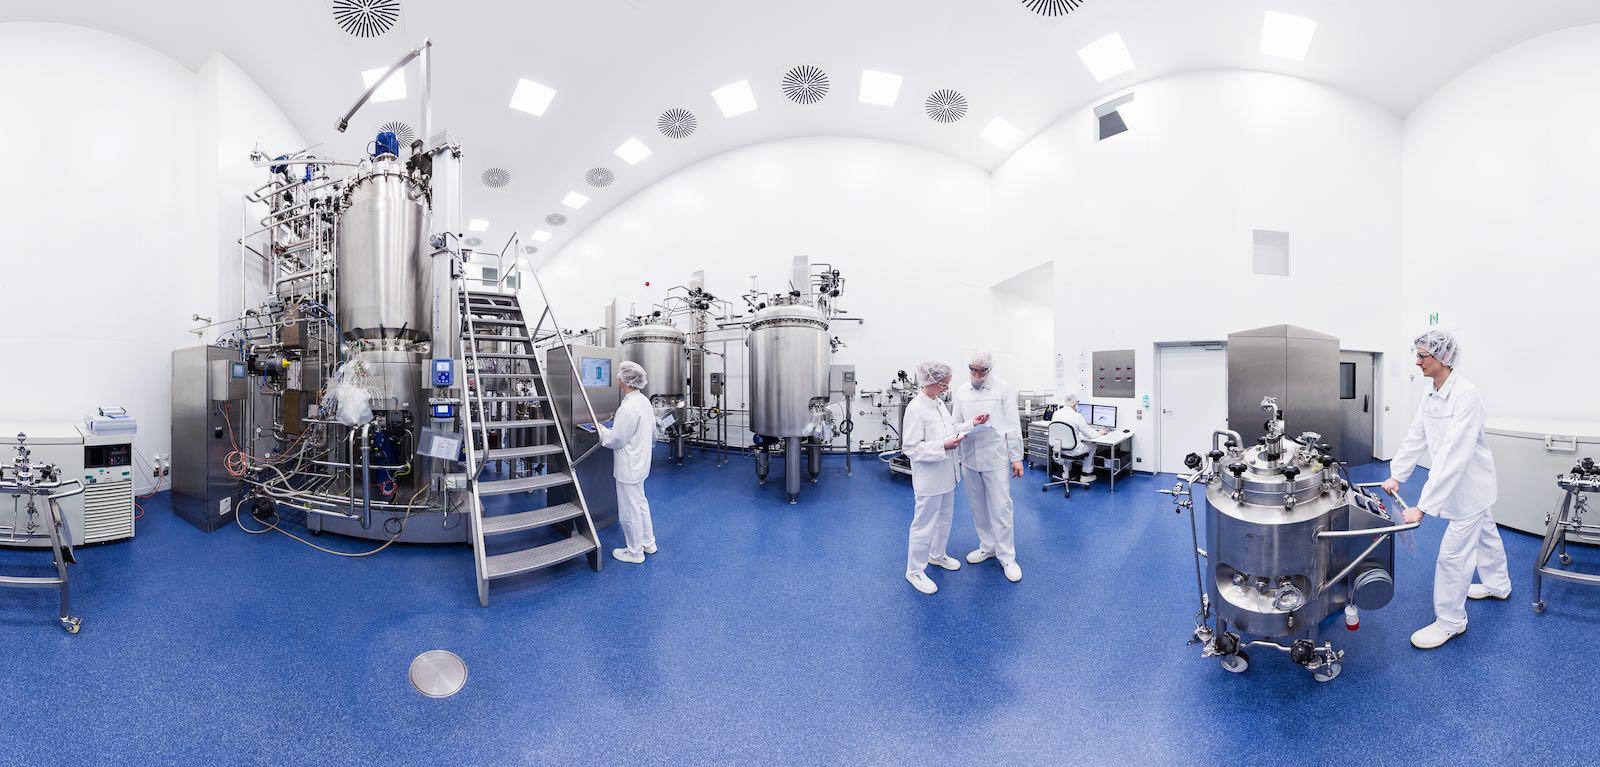 Panoramafoto im Reinraum, blauer Boden, weiße Wände